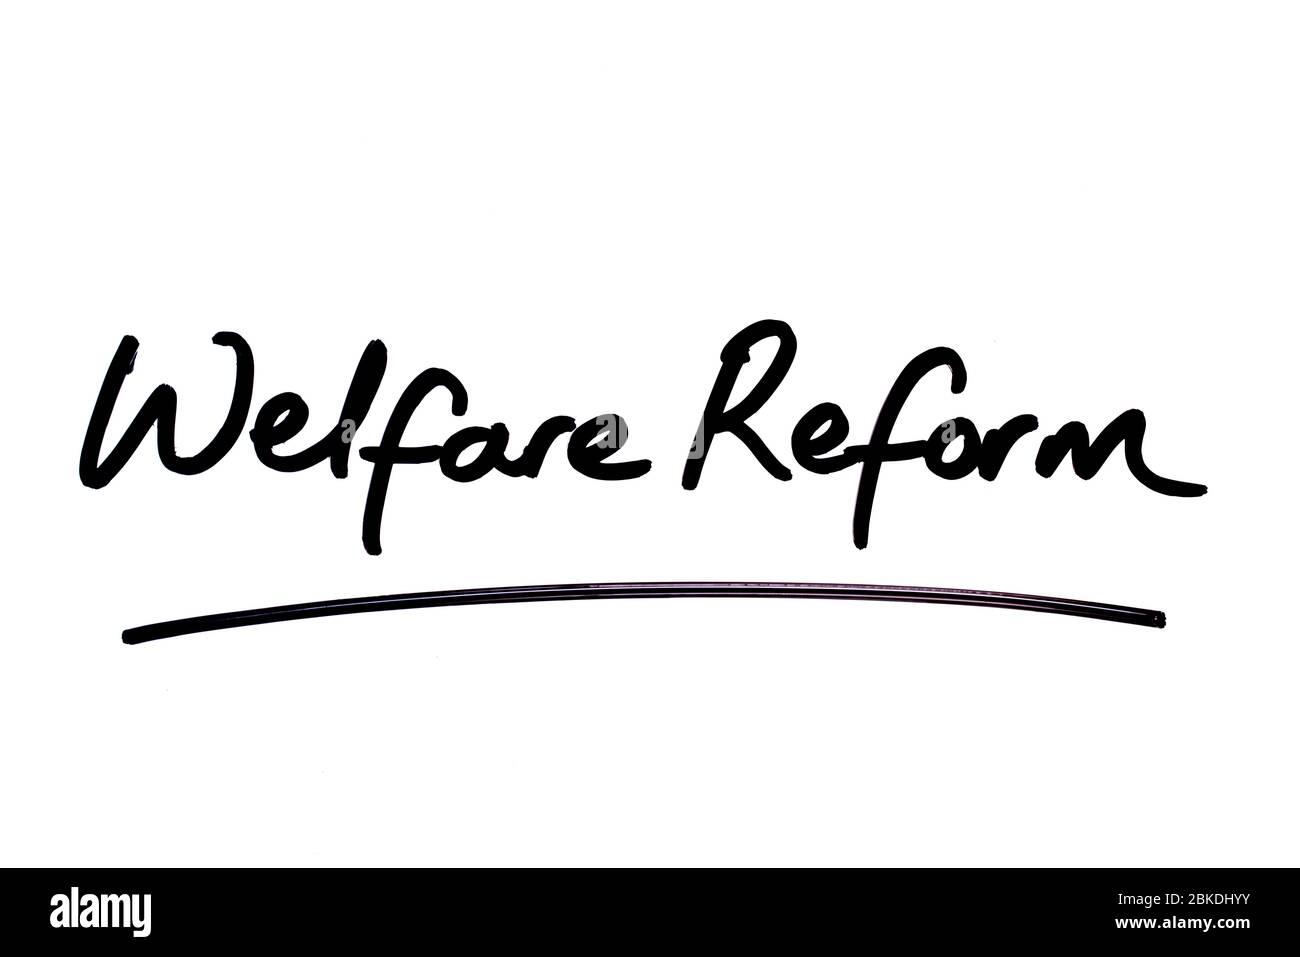 Welfare Reform handwritten on a white background. Stock Photo